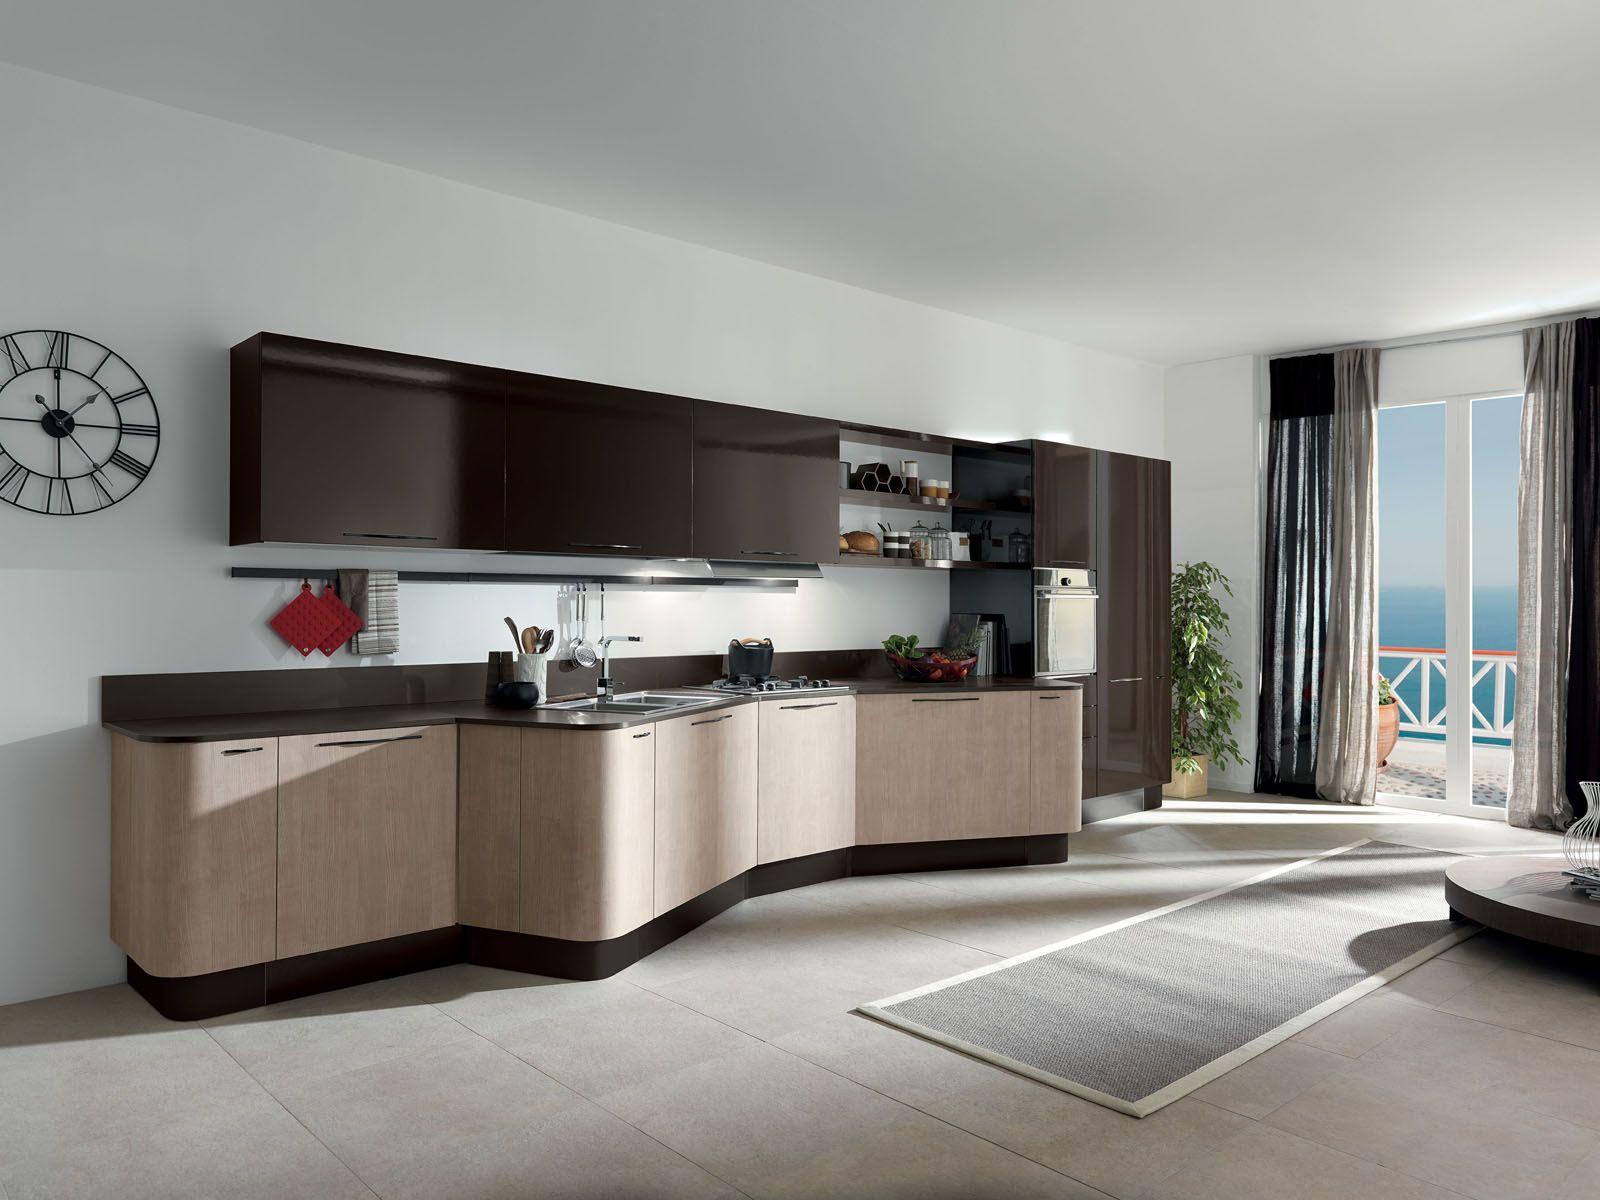 arredare la cucina con 5 composizioni realizzabili anche in composizione cucine